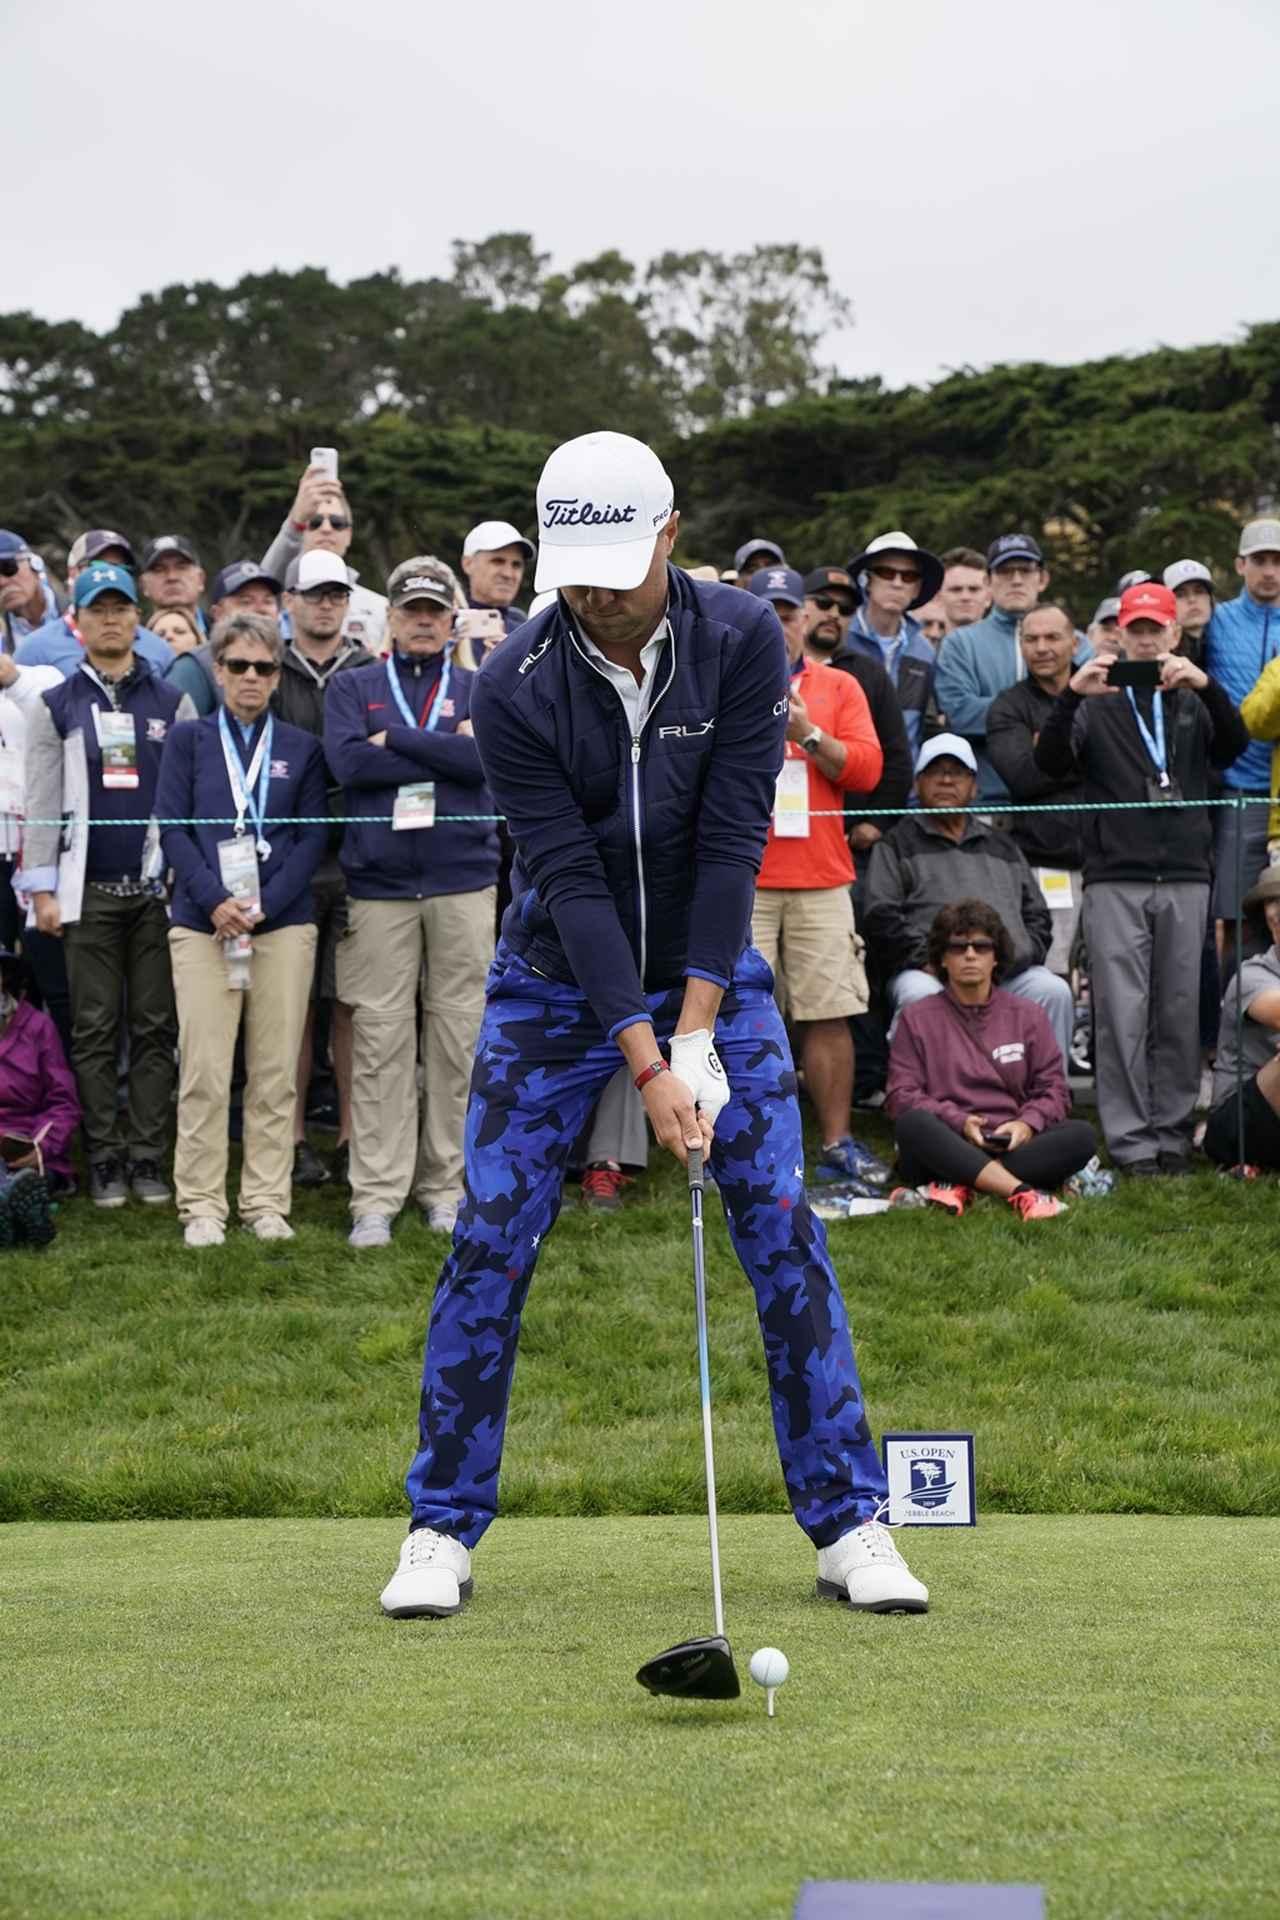 画像: 1番目の画像 - ジャスティン・トーマスのドライバー連続写真 - みんなのゴルフダイジェスト